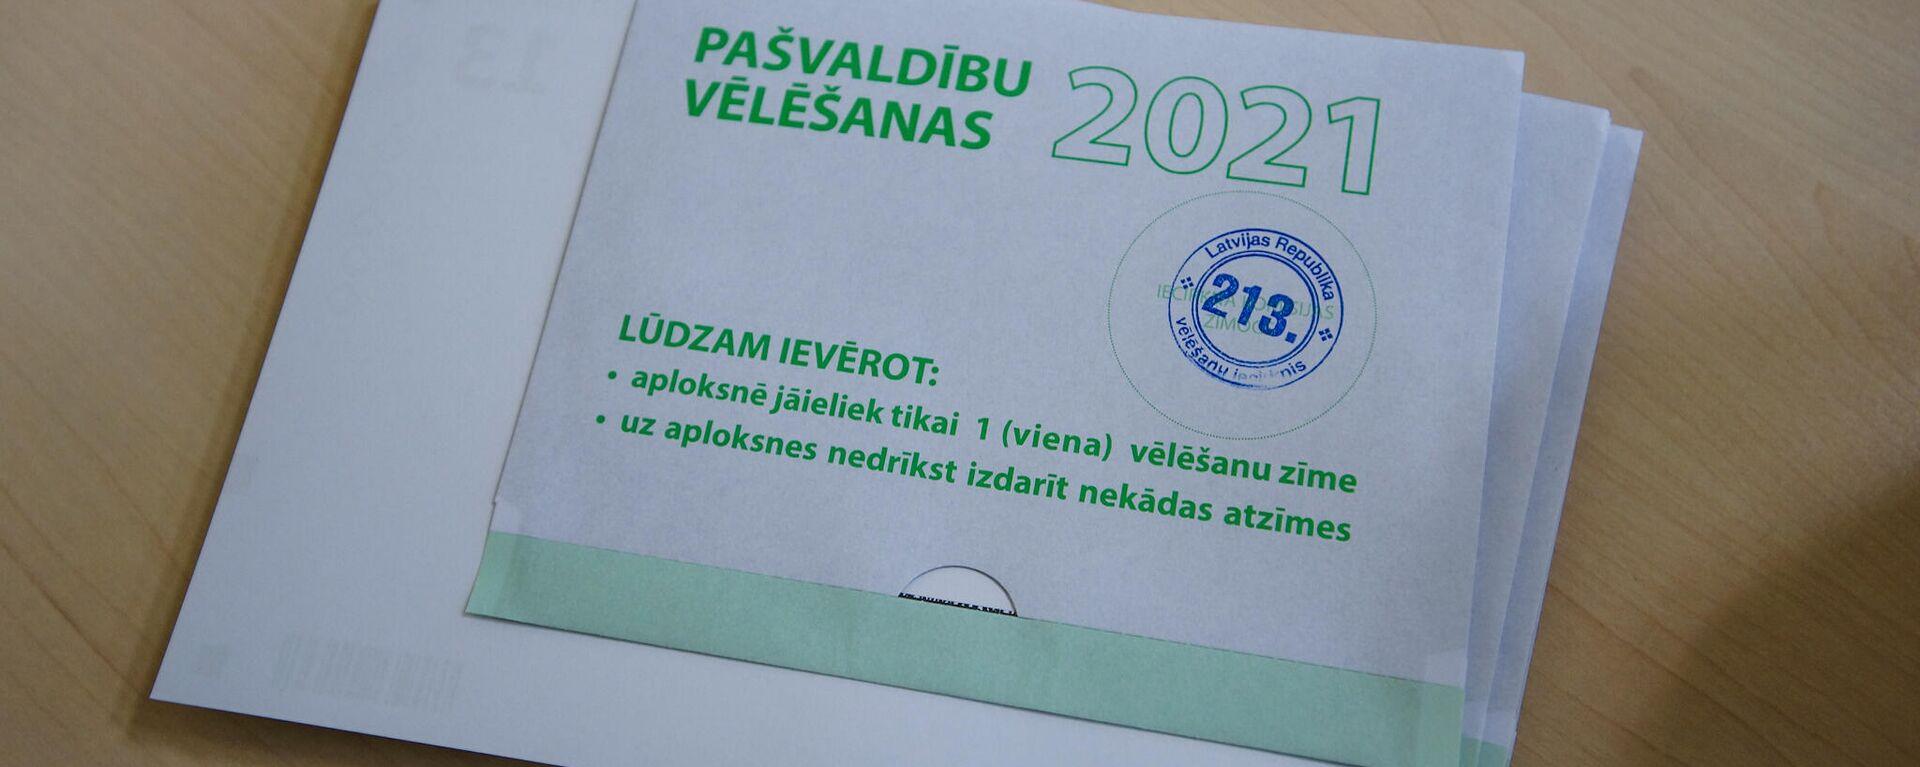 Муниципальные выборы в Юрмале - Sputnik Латвия, 1920, 08.06.2021